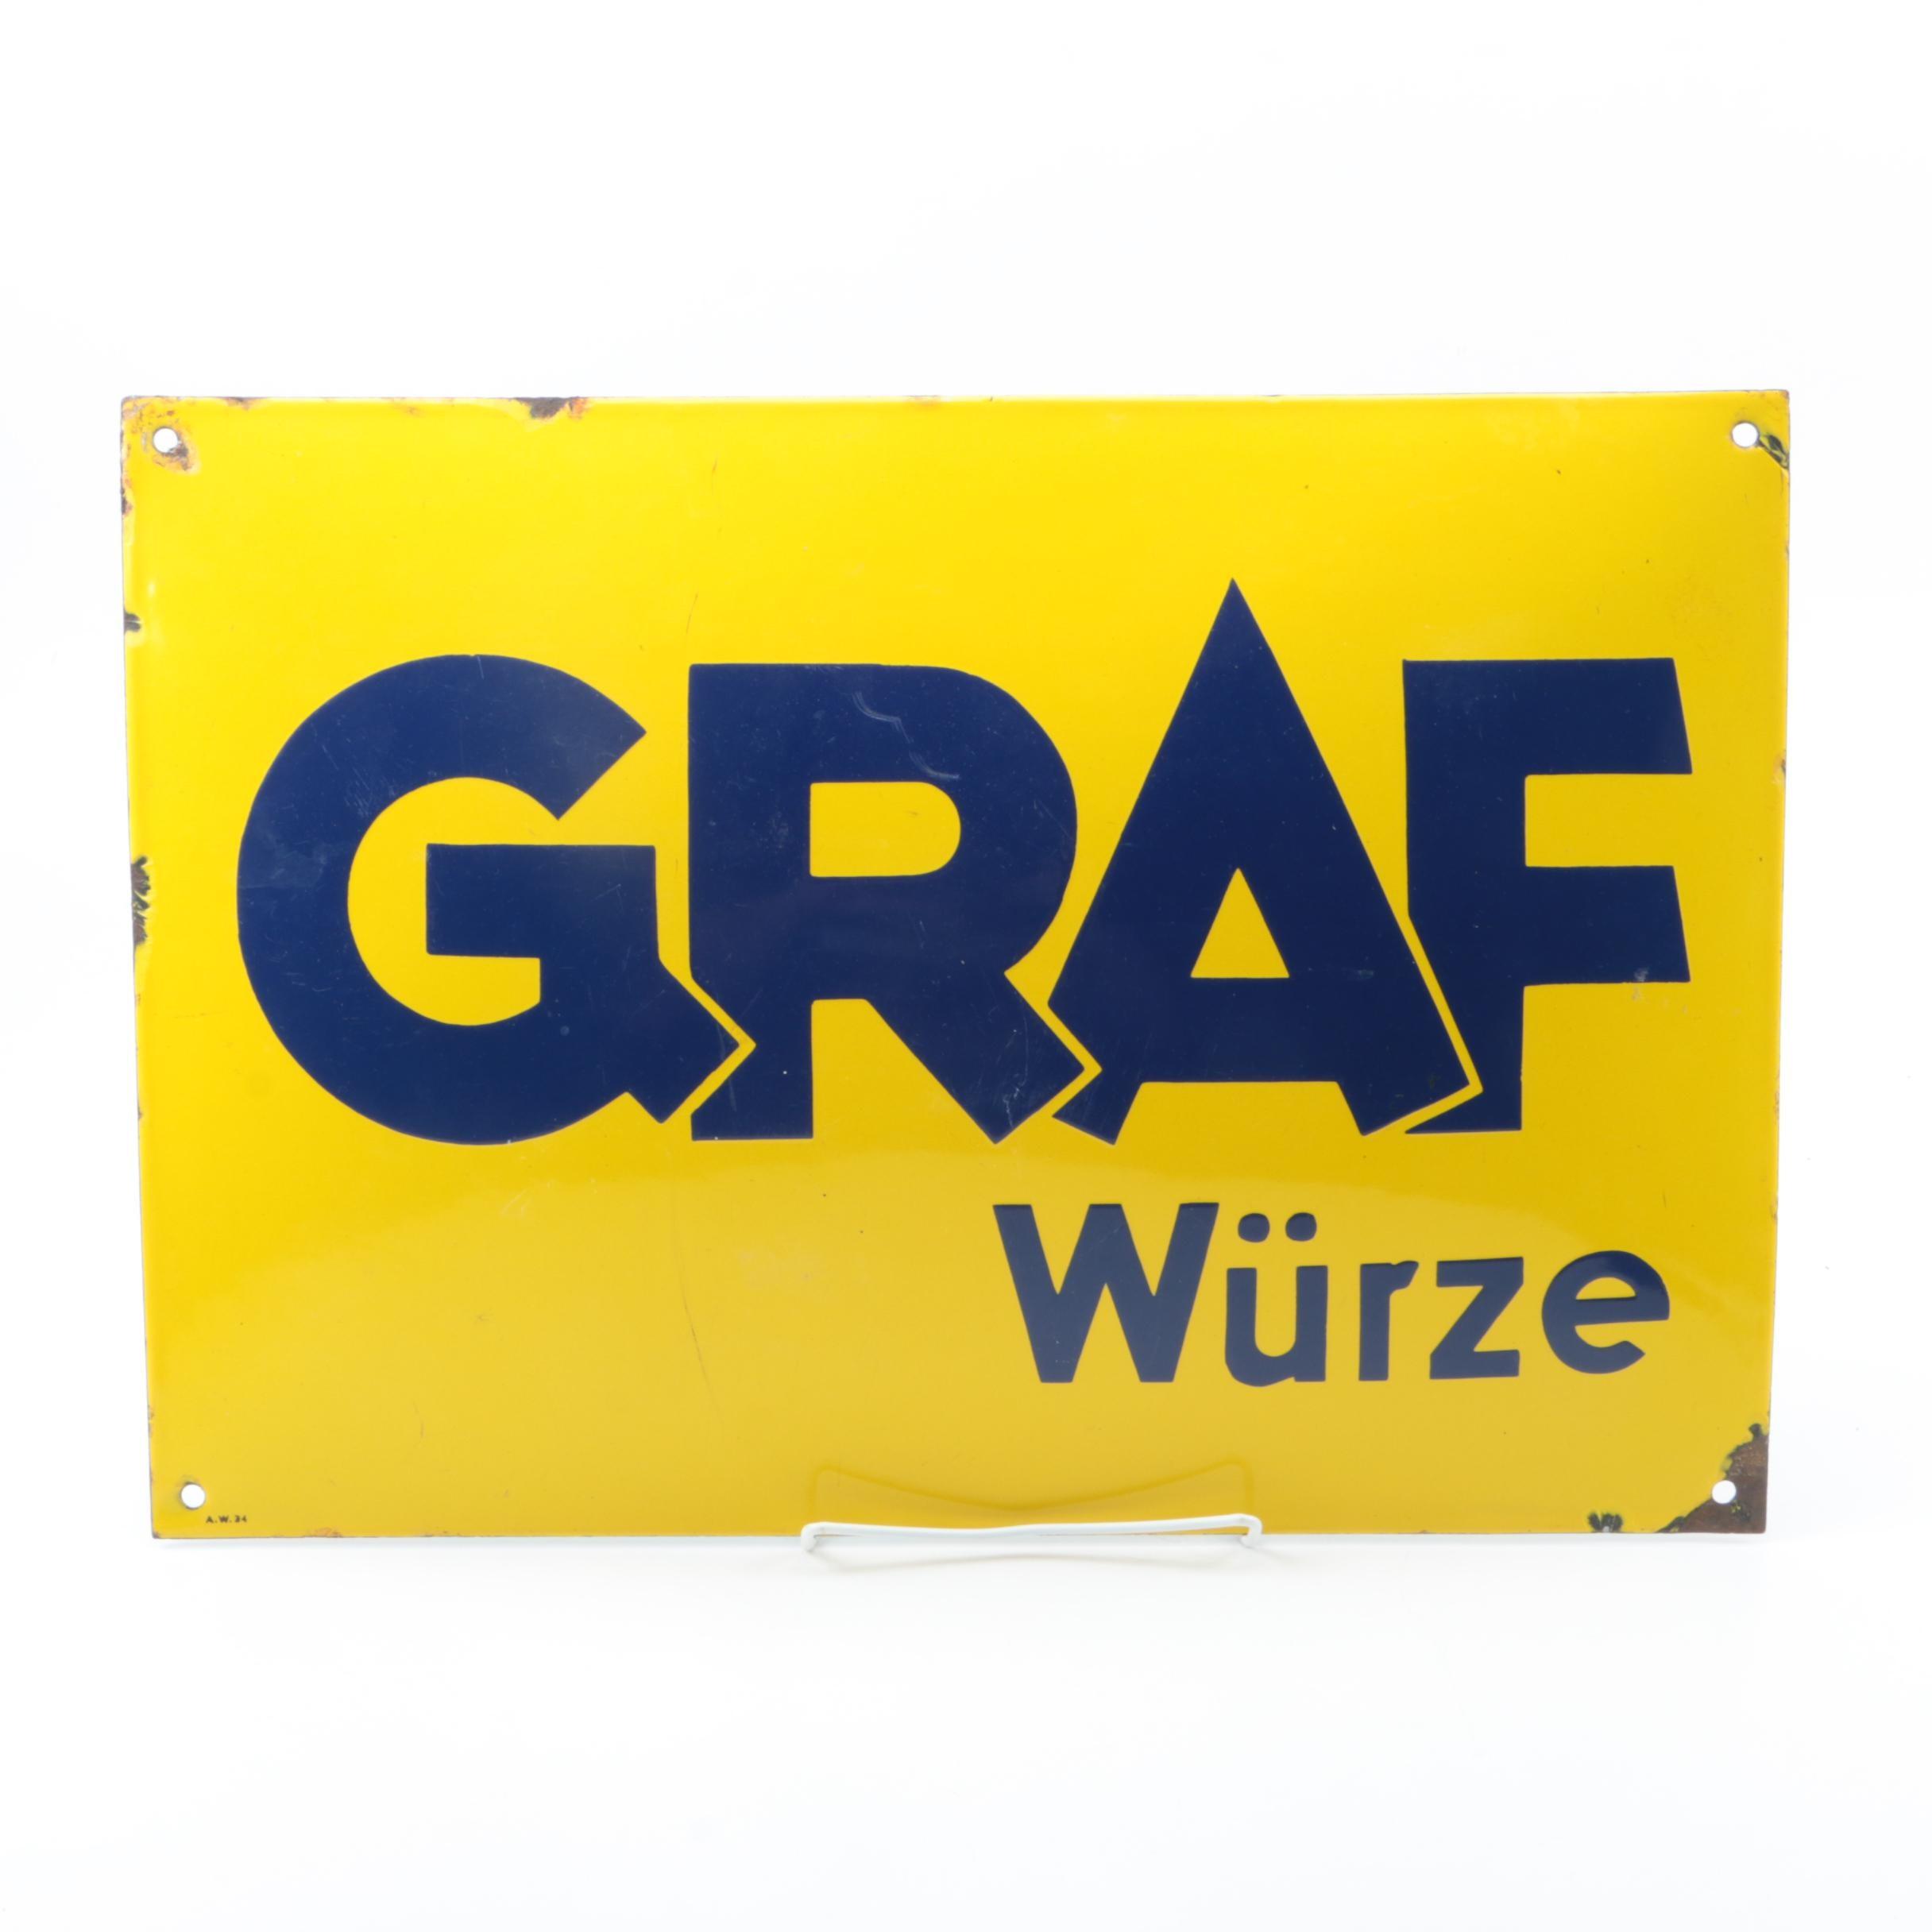 Metal and Enamel German Sign